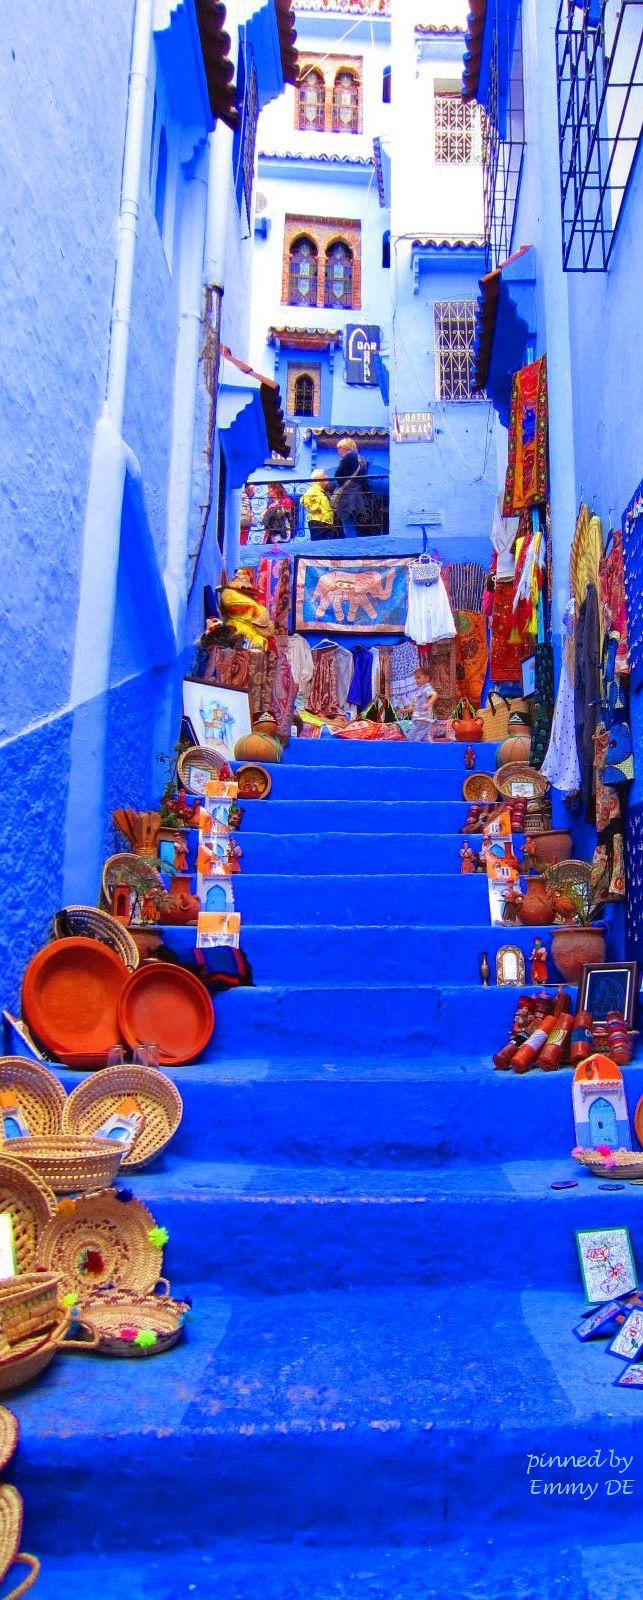 Emmy DE * The Blue City ~ Chefchaouen, Morocco